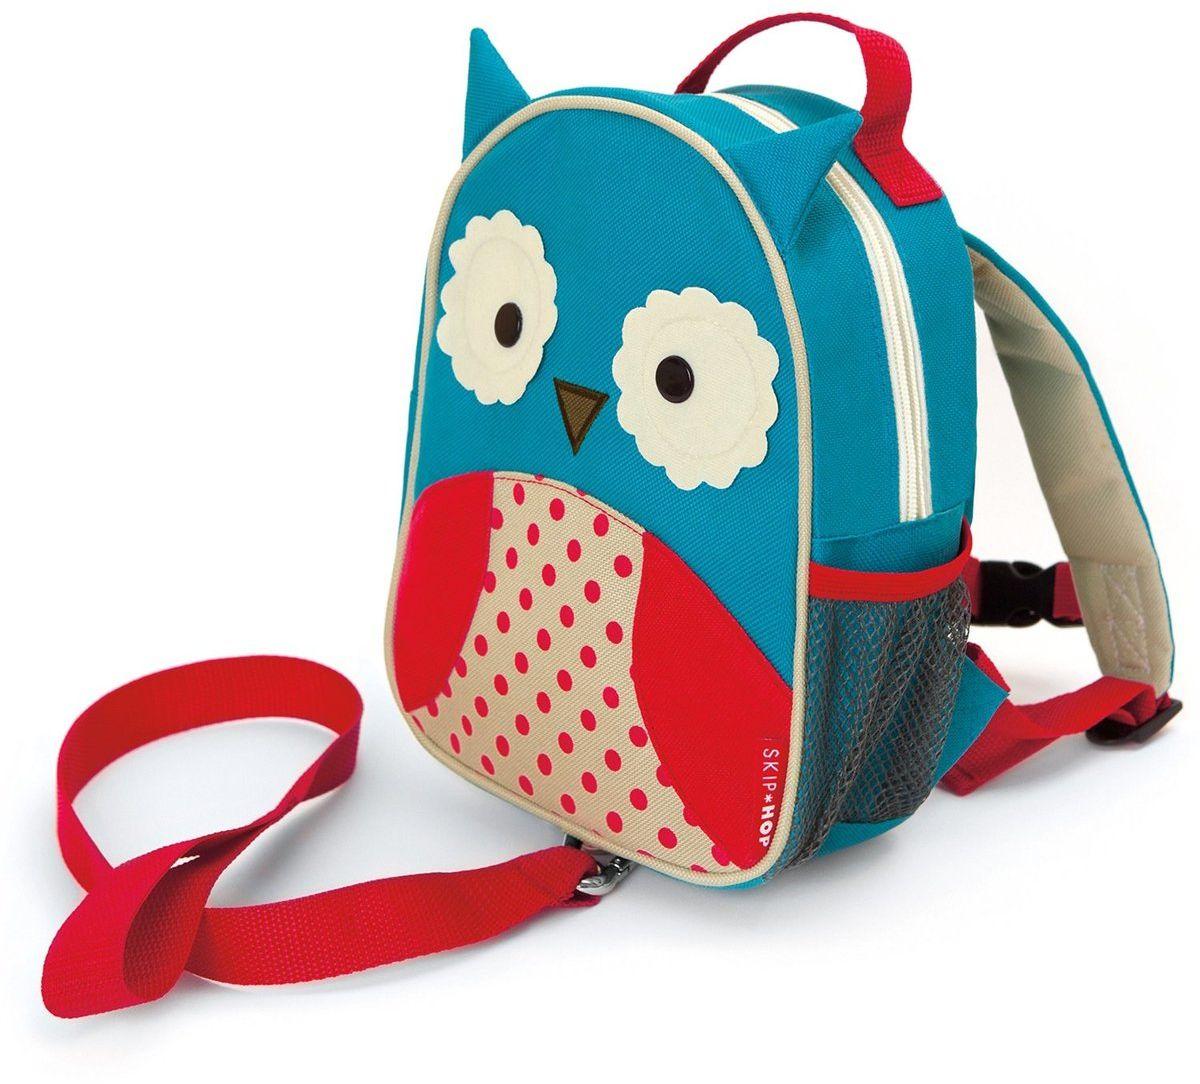 Skip Hop Рюкзак дошкольный Сова с поводкомSH 212204Дошкольный рюкзак Skip Hop, выполненный в виде совы, поможет сделать первые шаги, подстрахует малыша в ответственный момент, огородит родителей от лишних волнений и беспокойств с помощью поводка для детской безопасности. При необходимости поводок можно отстегнуть.Милая мордашка животного всегда будет поднимать настроение, а вместительный кармашек позволит носить с собой необходимые вещи: пакетик с соком, любимые игрушки и блокноты для рисования.Рюкзак имеет одно отделение на застежке-молнии, в котором находится бирка для имени.